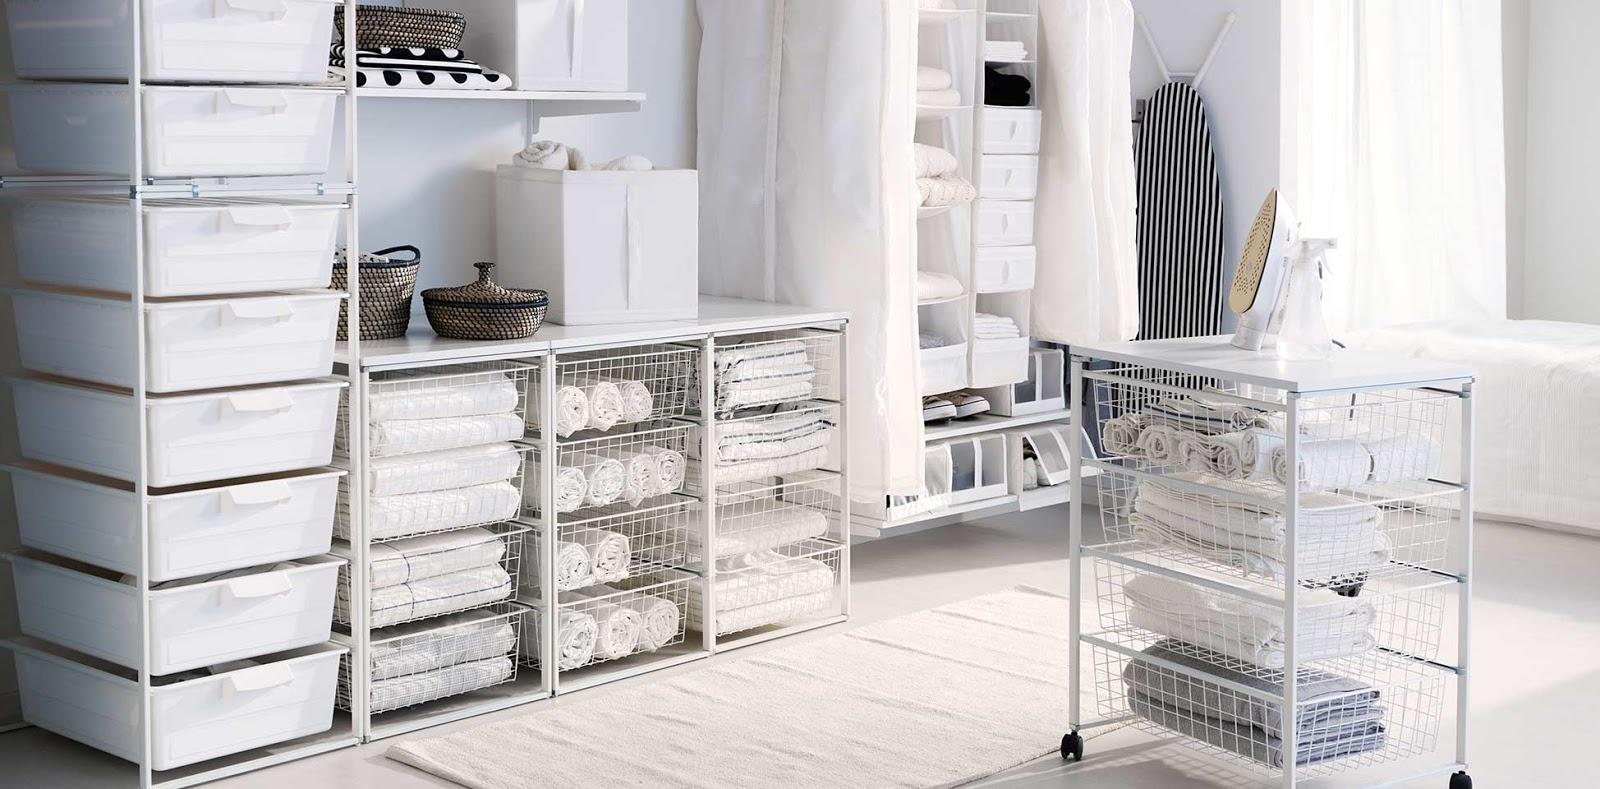 Ikea Toulon Cuisine   30 Impressionnant Luxe Élégant Meilleur De ...